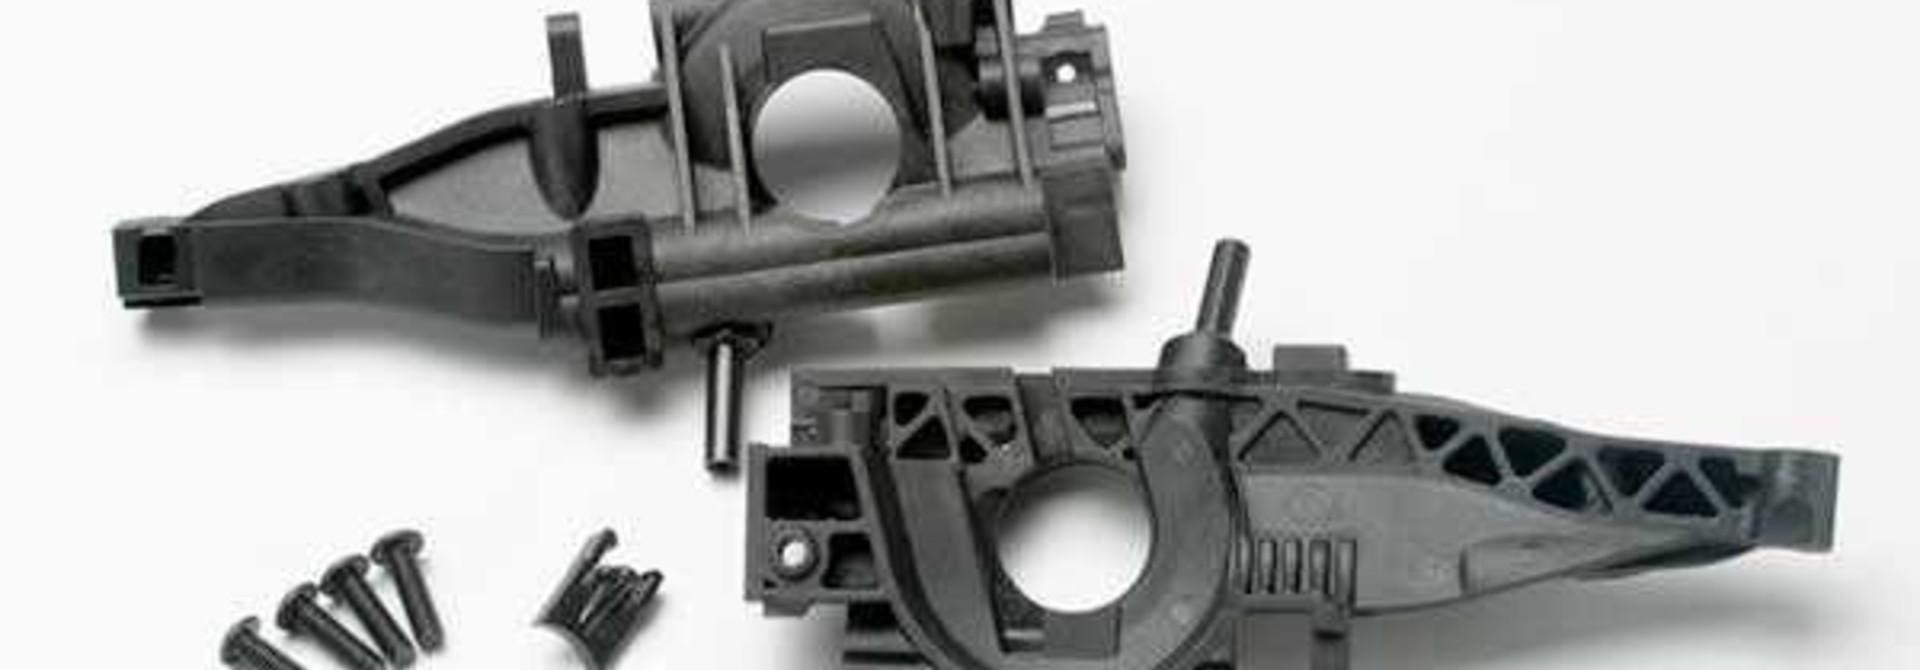 Bulkhead, rear (L&R halves)/ diff retainer, rear/ 4x14mm BCS, TRX5329